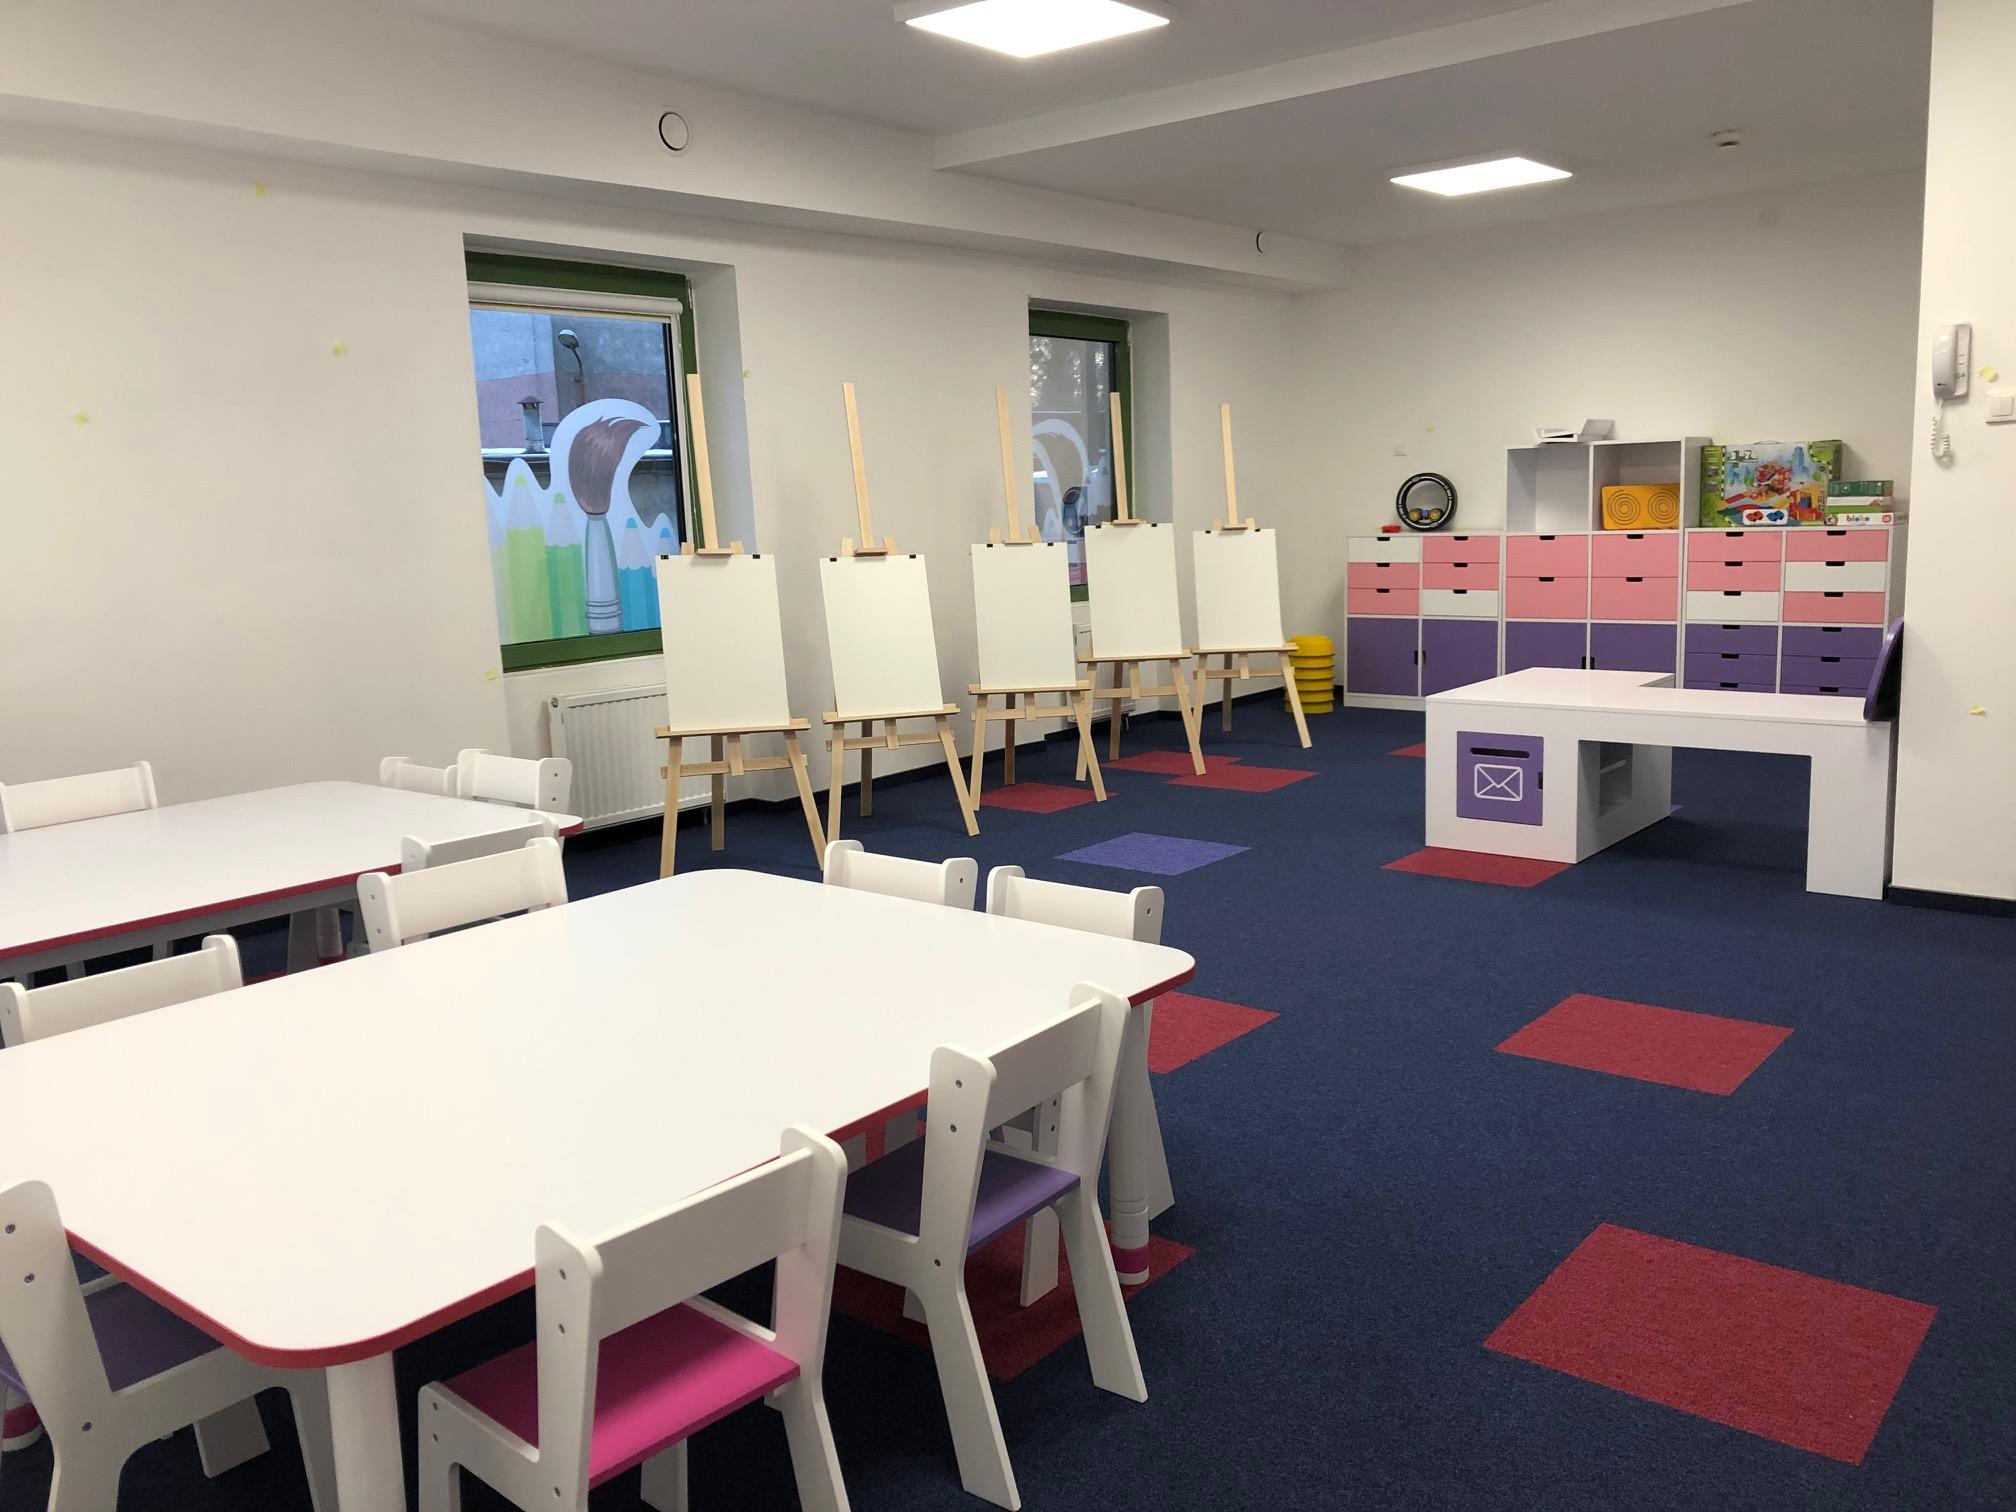 Przedszkole Baby Planet to nowa, prywatna placówka, w której realizuje się wiele innowacyjnych programów edukacyjnych dla dzieci. [fot. Baby Planet]